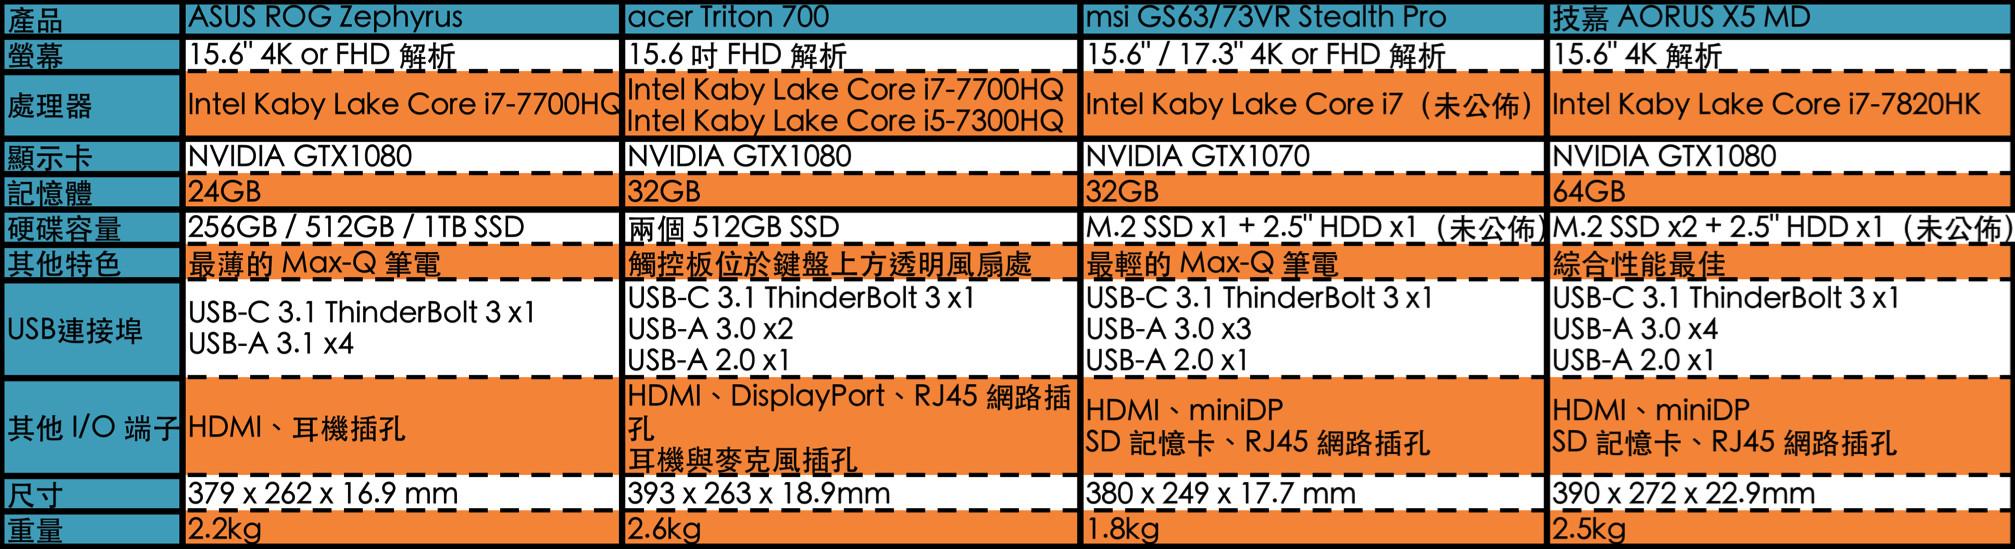 效能、輕巧一把抓的Max-Q電競筆電比較圖。(圖/記者莊友直整理)